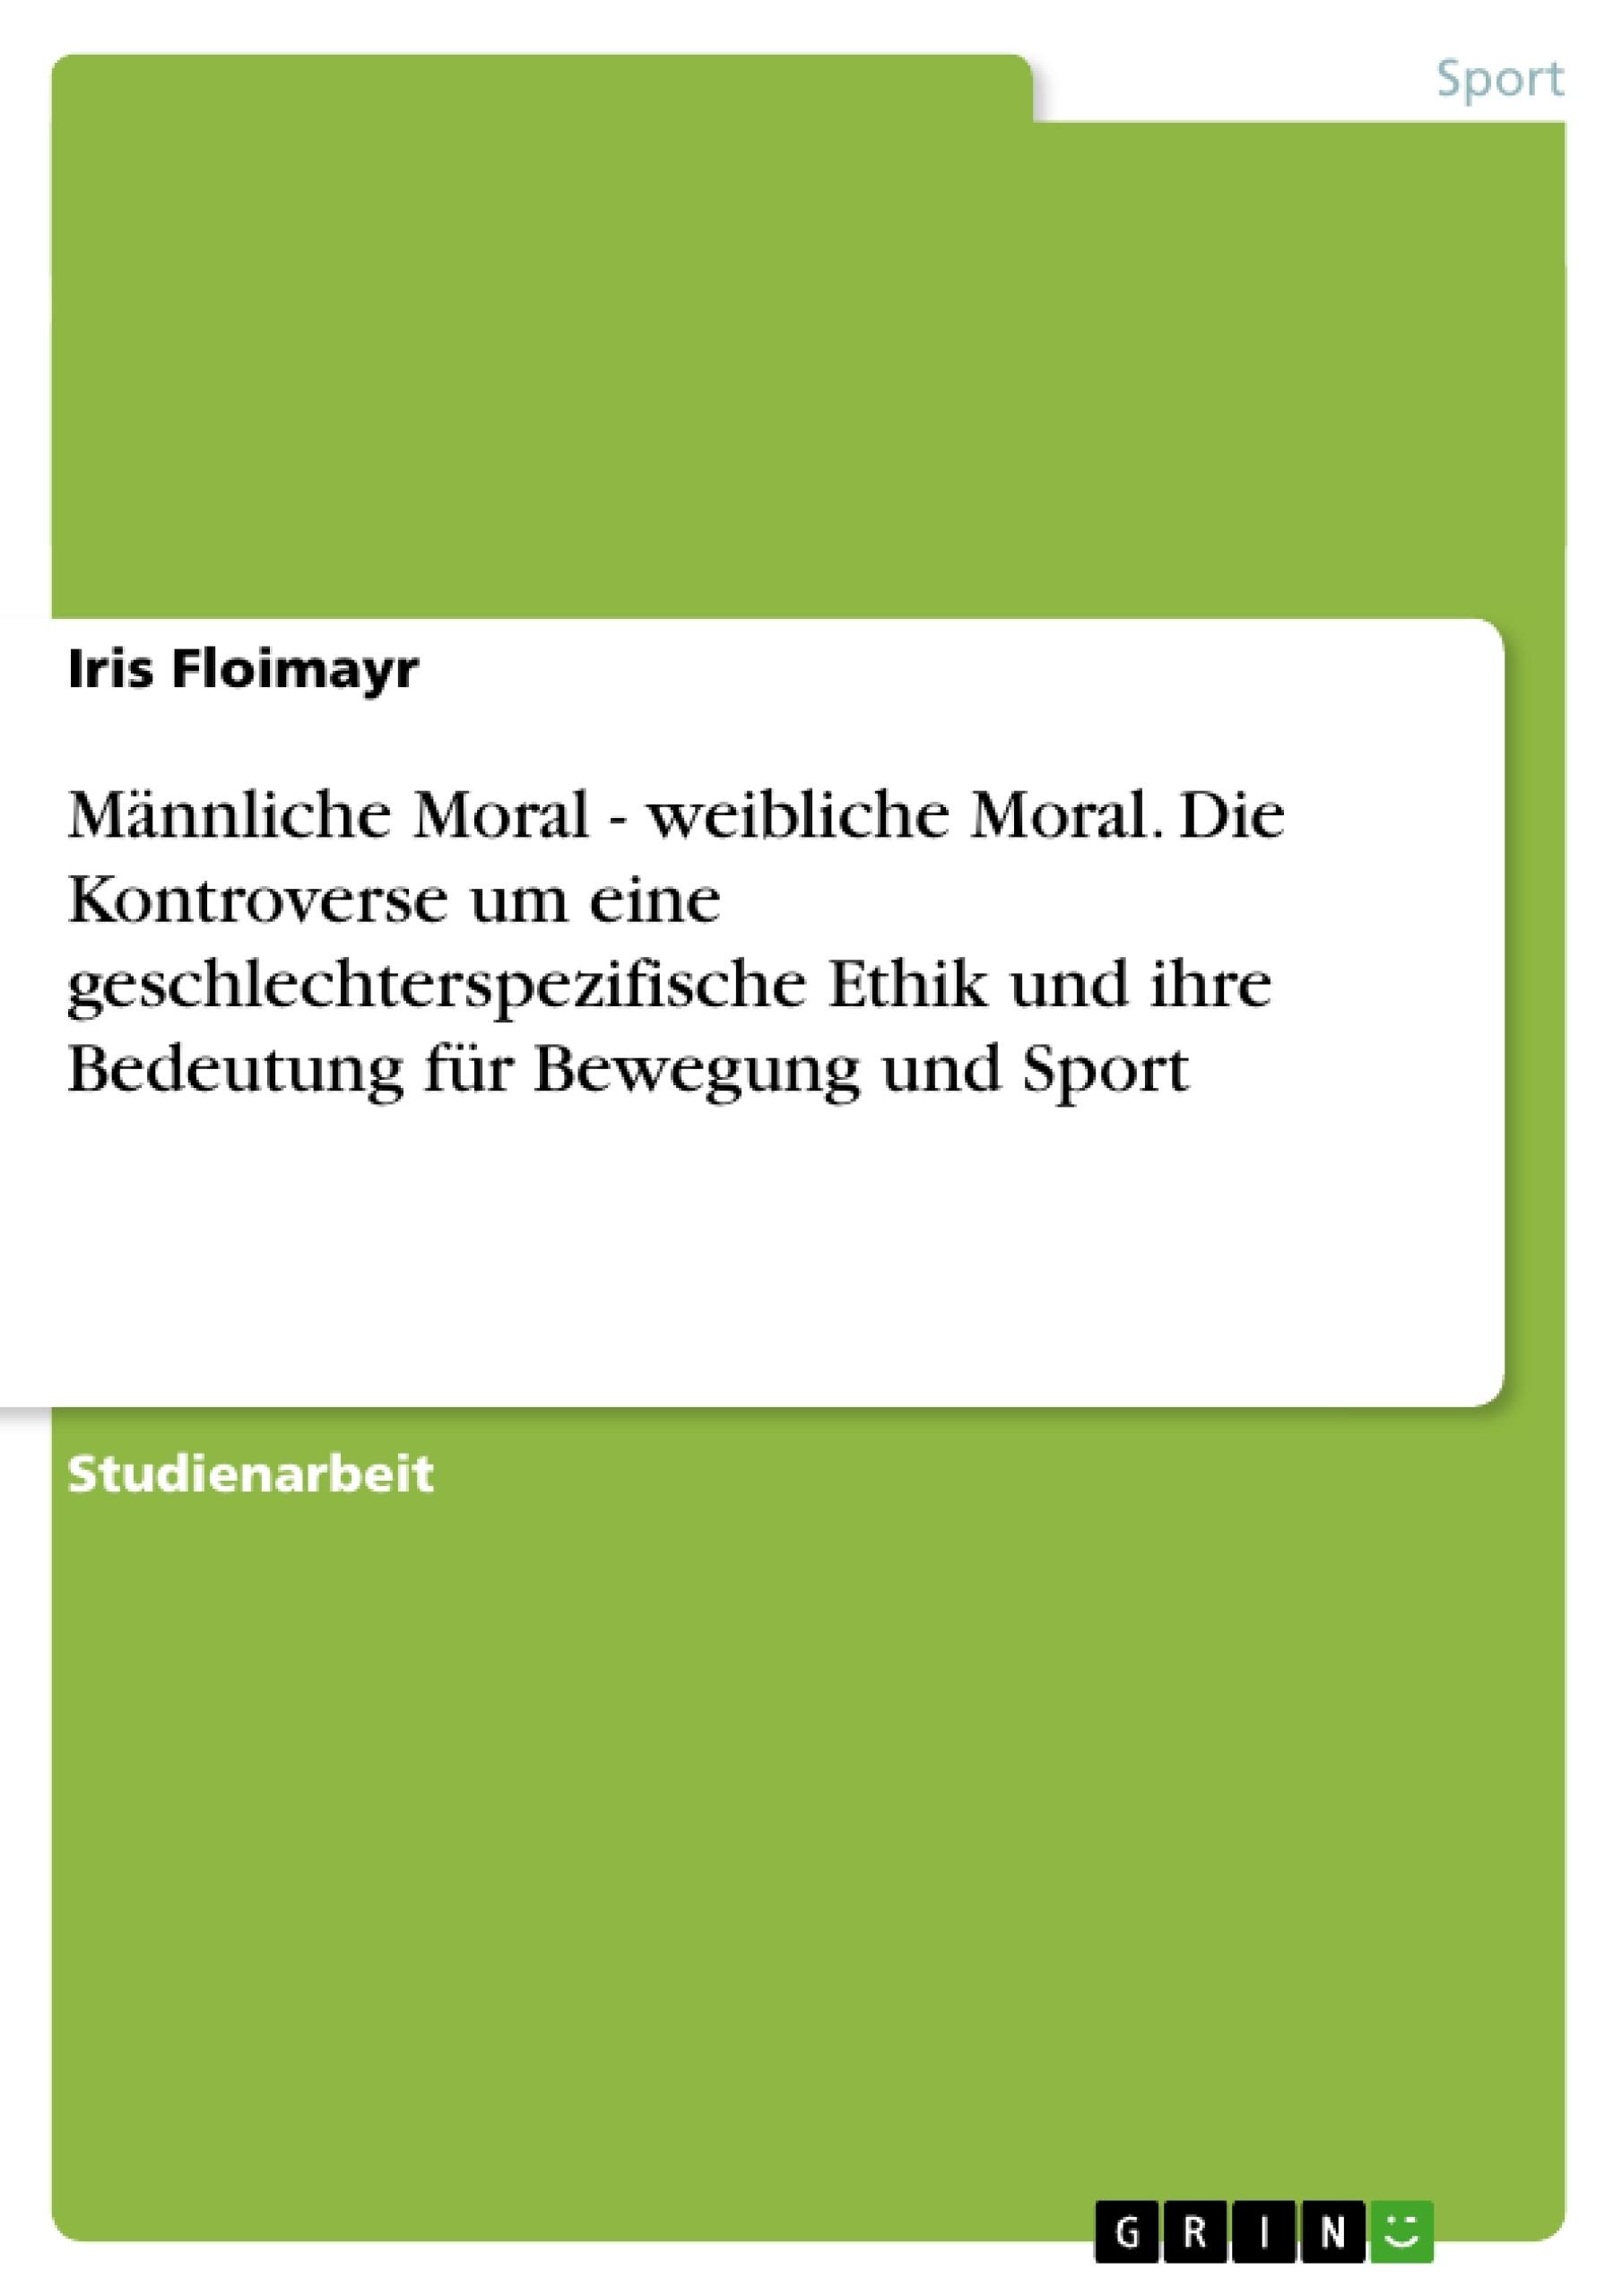 Titel: Männliche Moral - weibliche Moral. Die Kontroverse um eine geschlechterspezifische Ethik und ihre Bedeutung für Bewegung und Sport